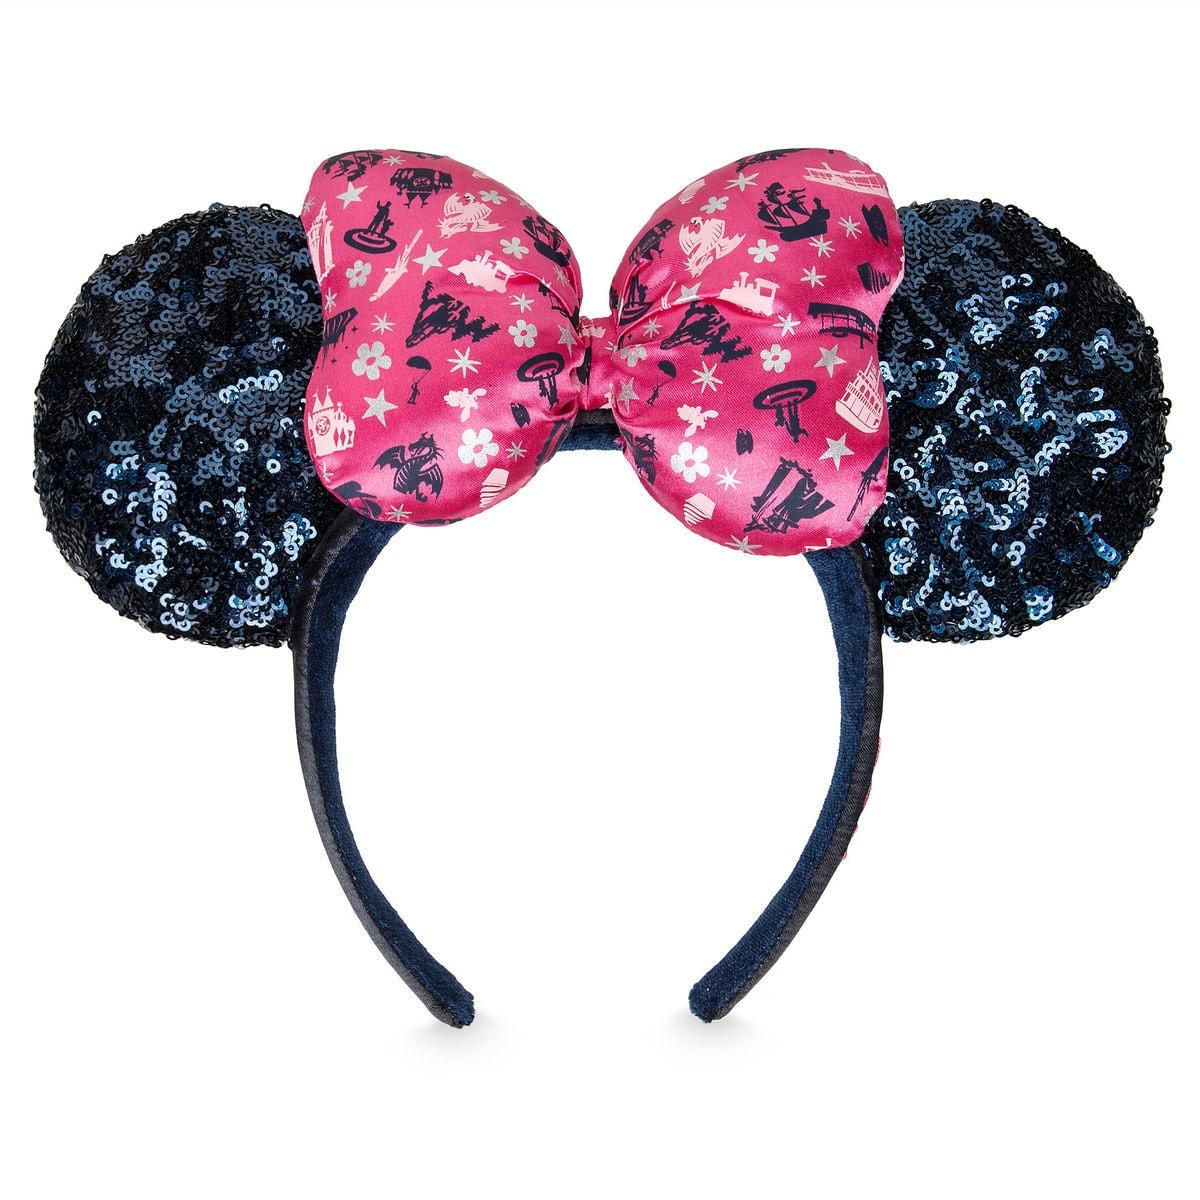 Christmas Minnie Ears 2019.Disney Ears Headband 2019 Disney Parks Icons Minnie Bow